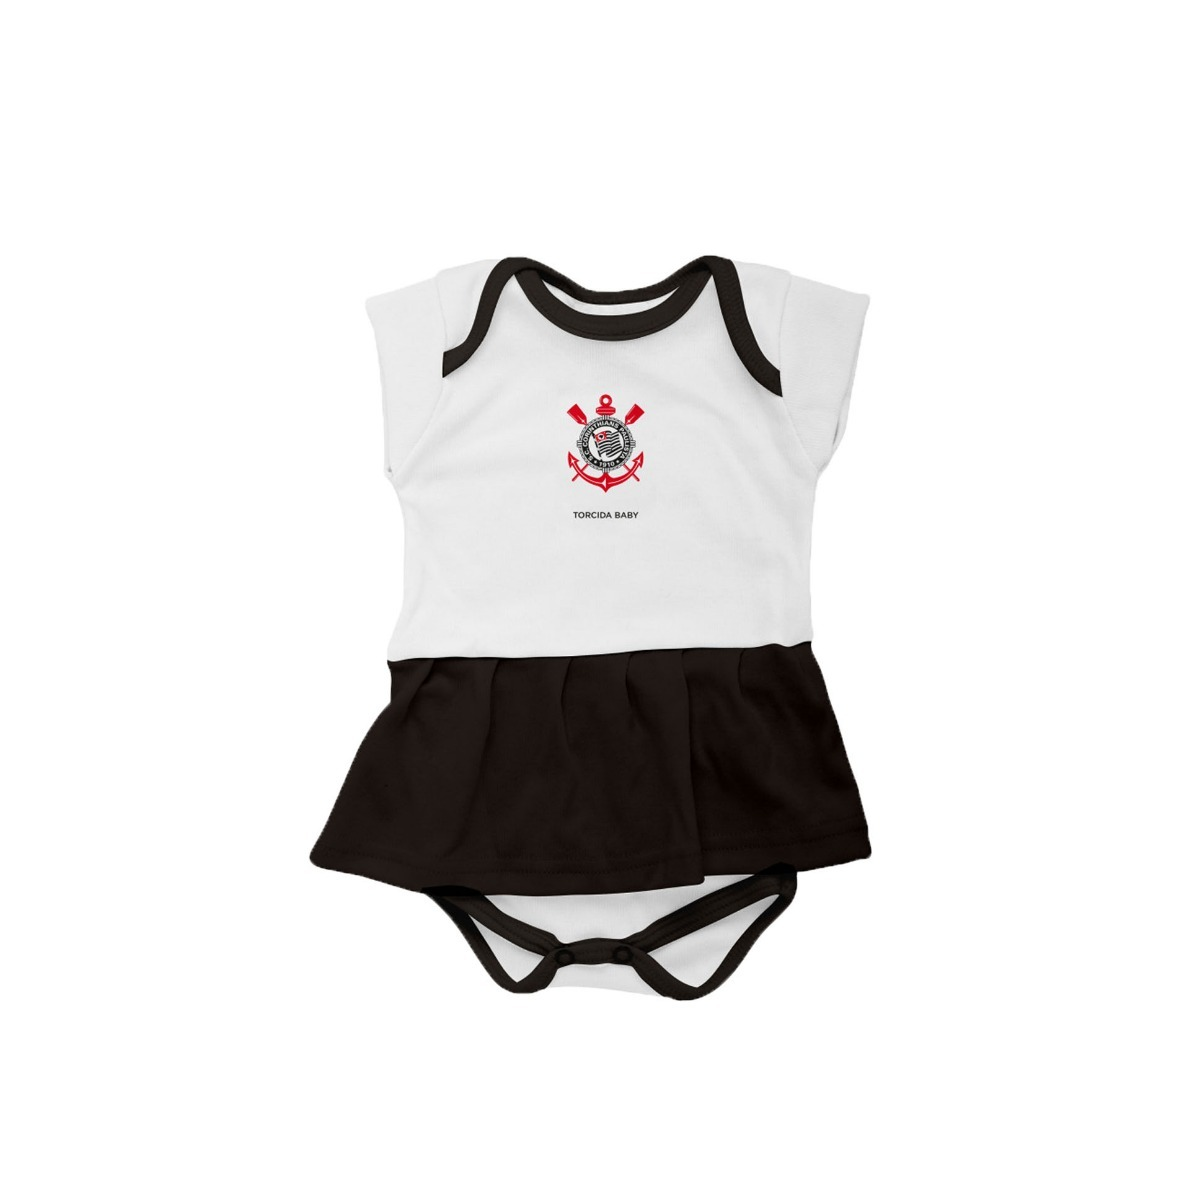 Características. Marca Torcida Baby  Modelo Body Saia Vasco da Gama RJ   Tipo de manga Curta ... d881e220a3851